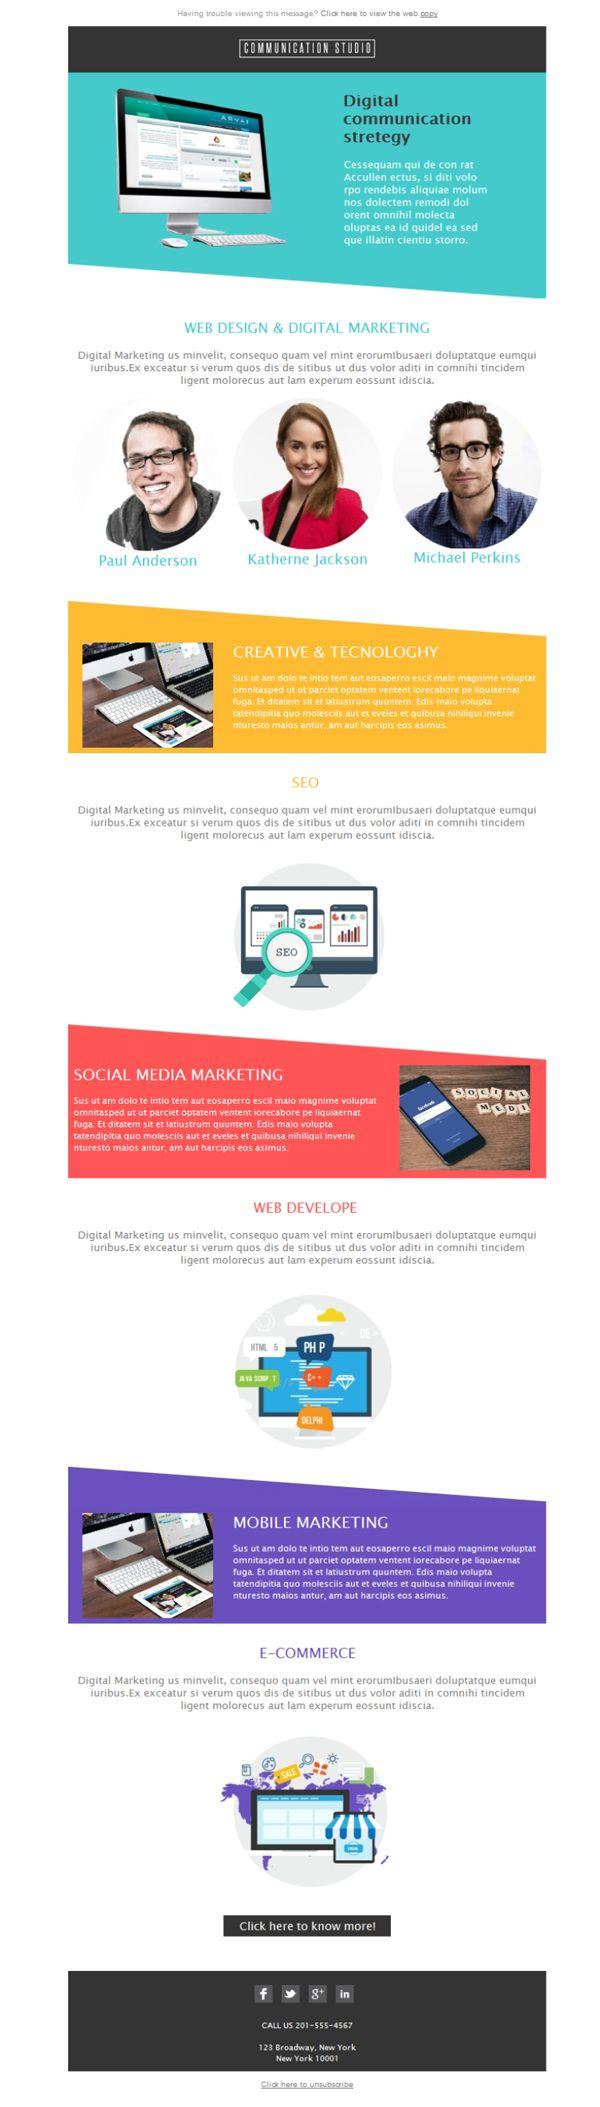 Mejores 16 imágenes de Marketing y Publicidad - Plantillas ...